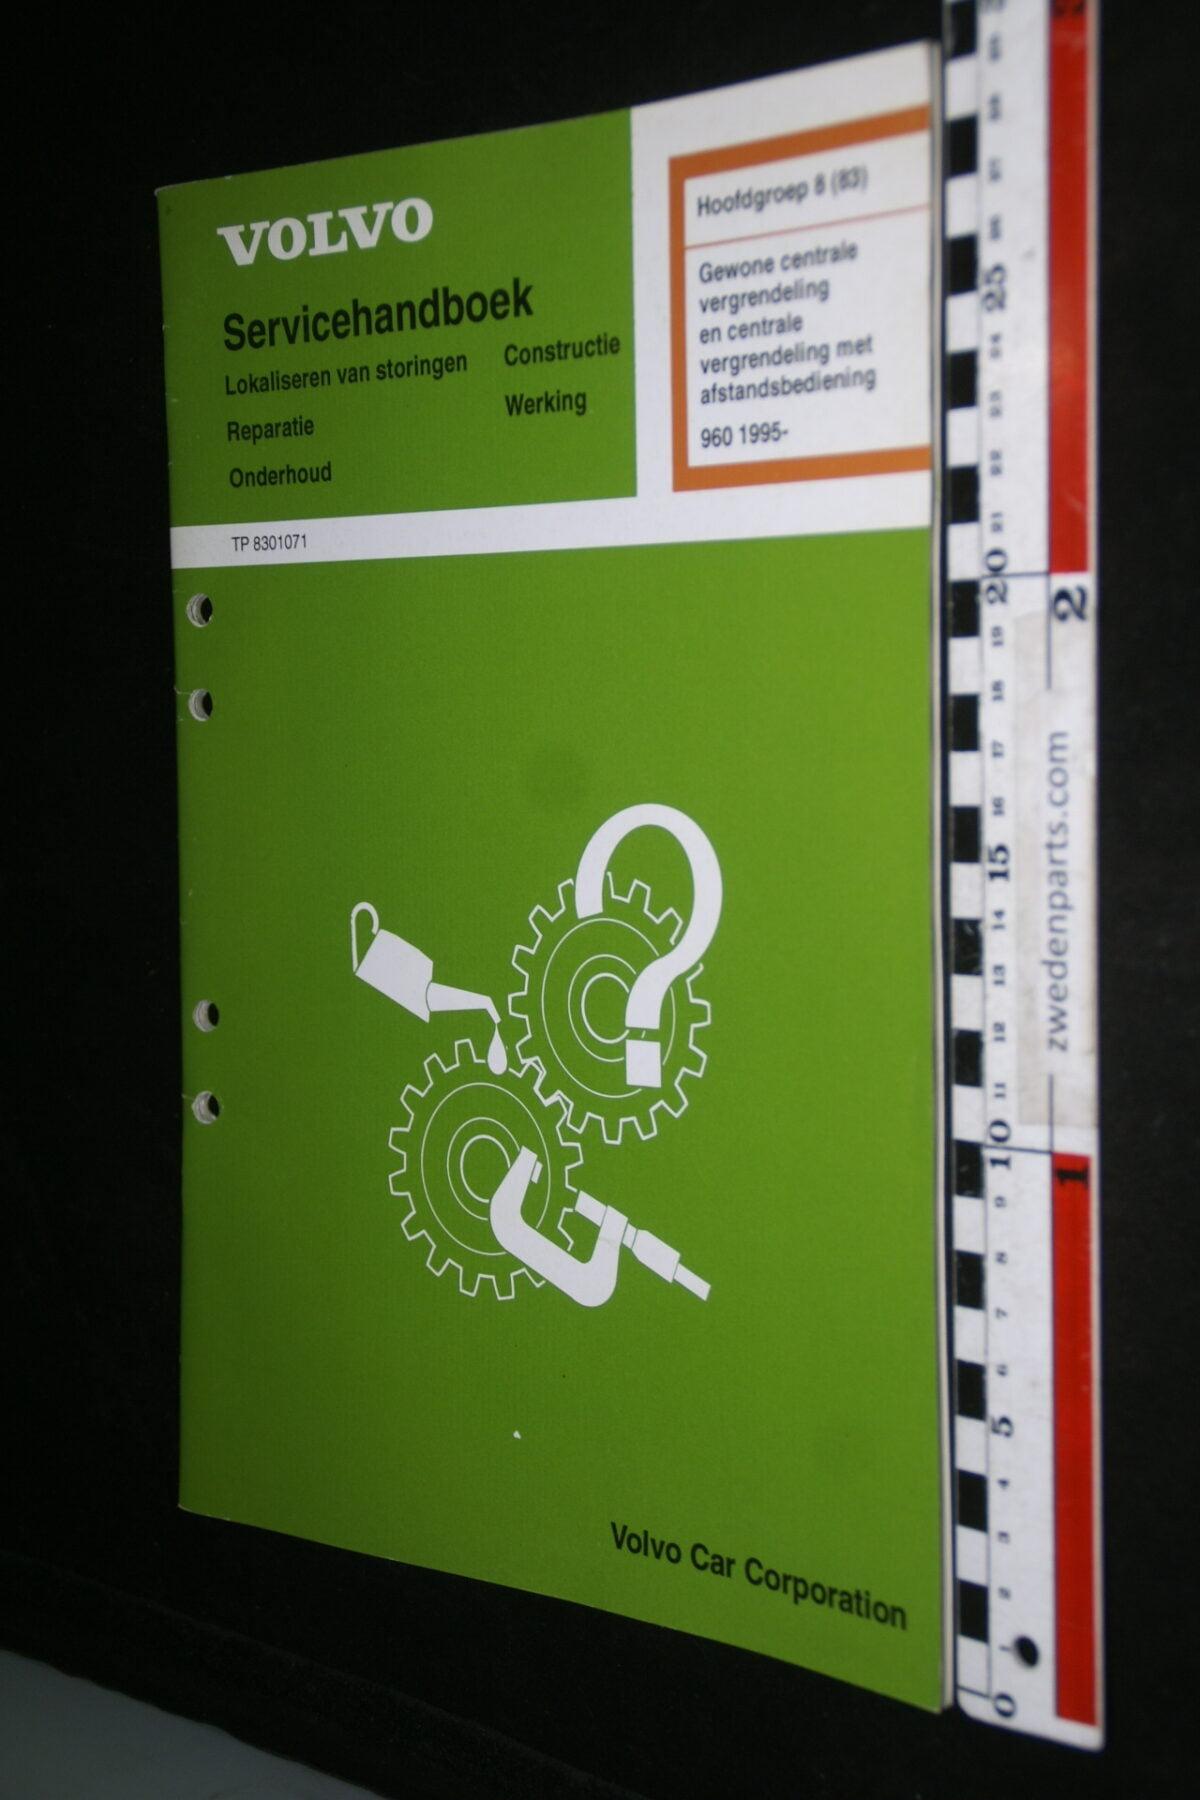 DSC00342 1994 origineel Volvo 960 werkplaatshandboek 8(83) centrale vergrendeling 1 van 800 nr TP 83010-1-6cf5cb5c